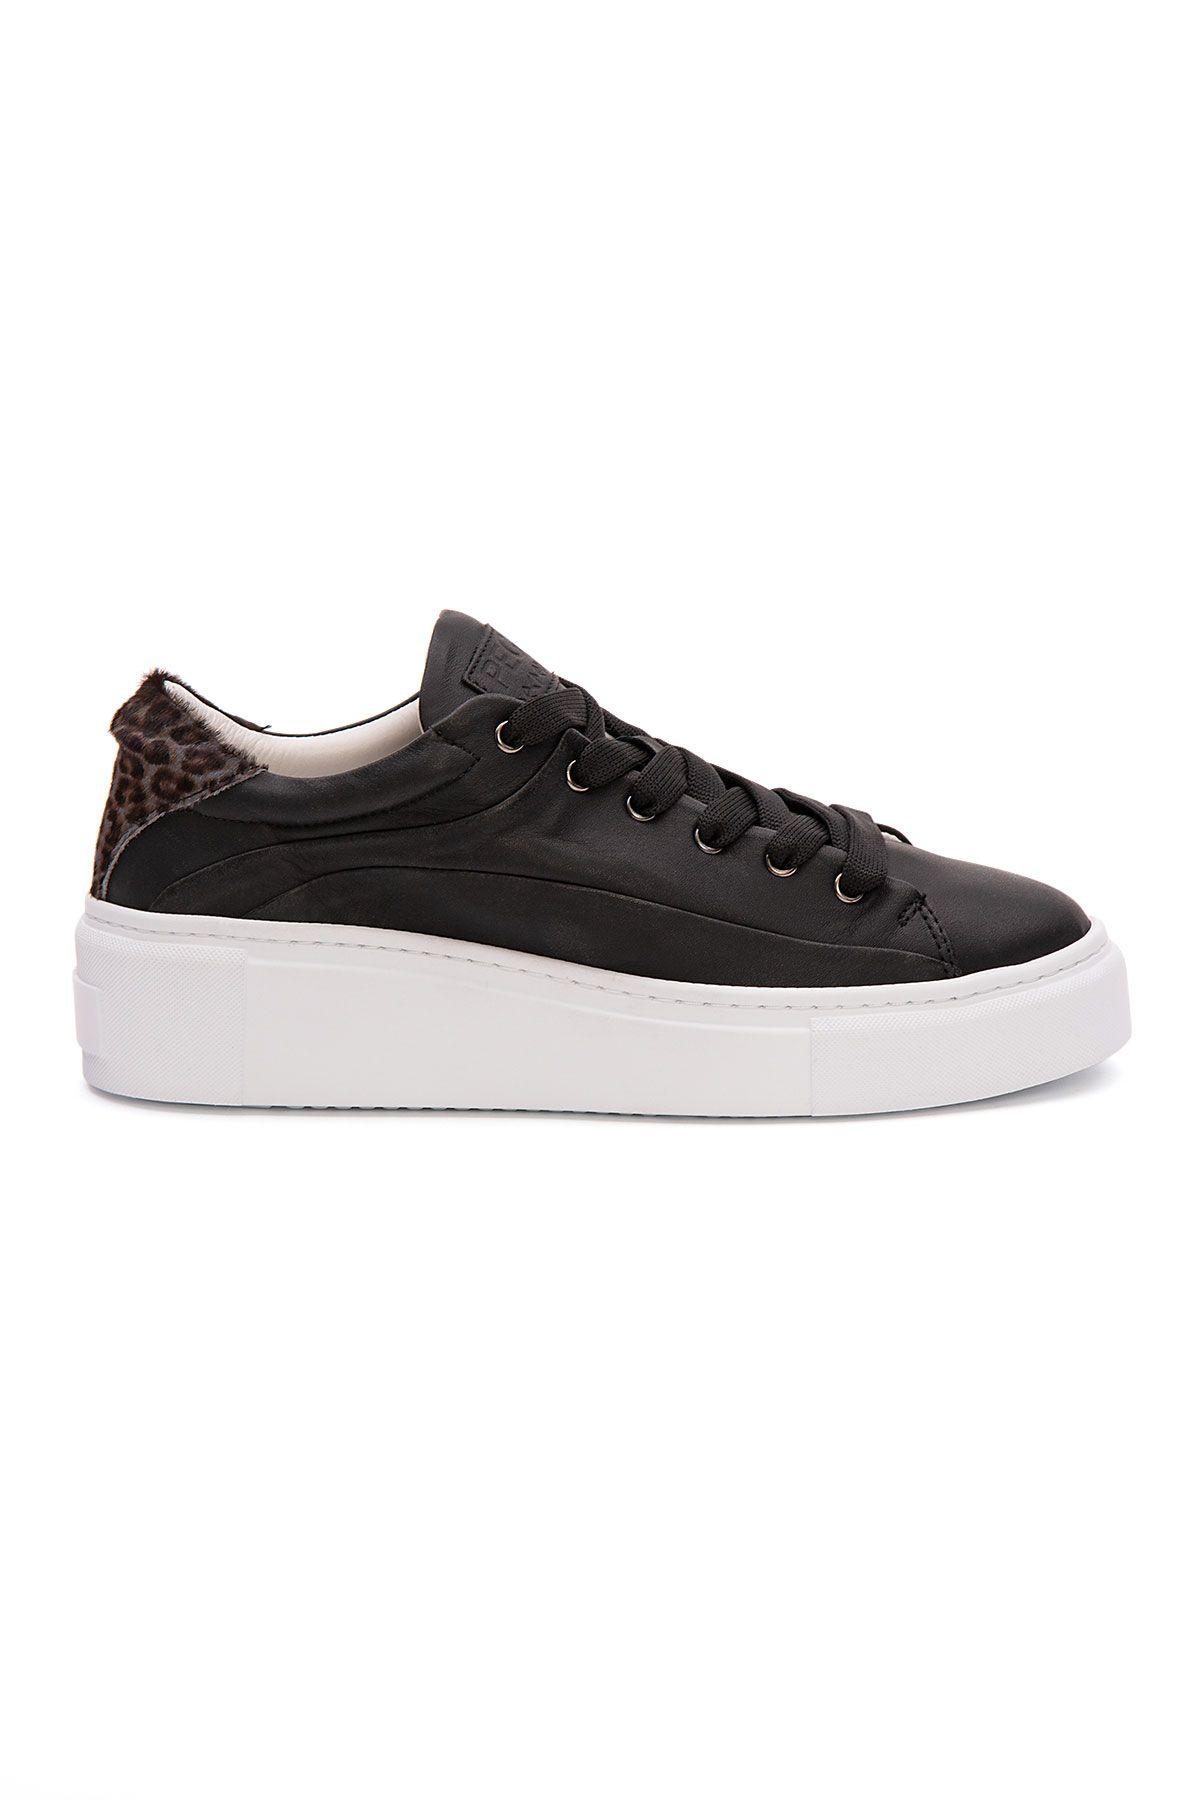 Pegia Genuine Leather Women's Sneaker LA1629 Black